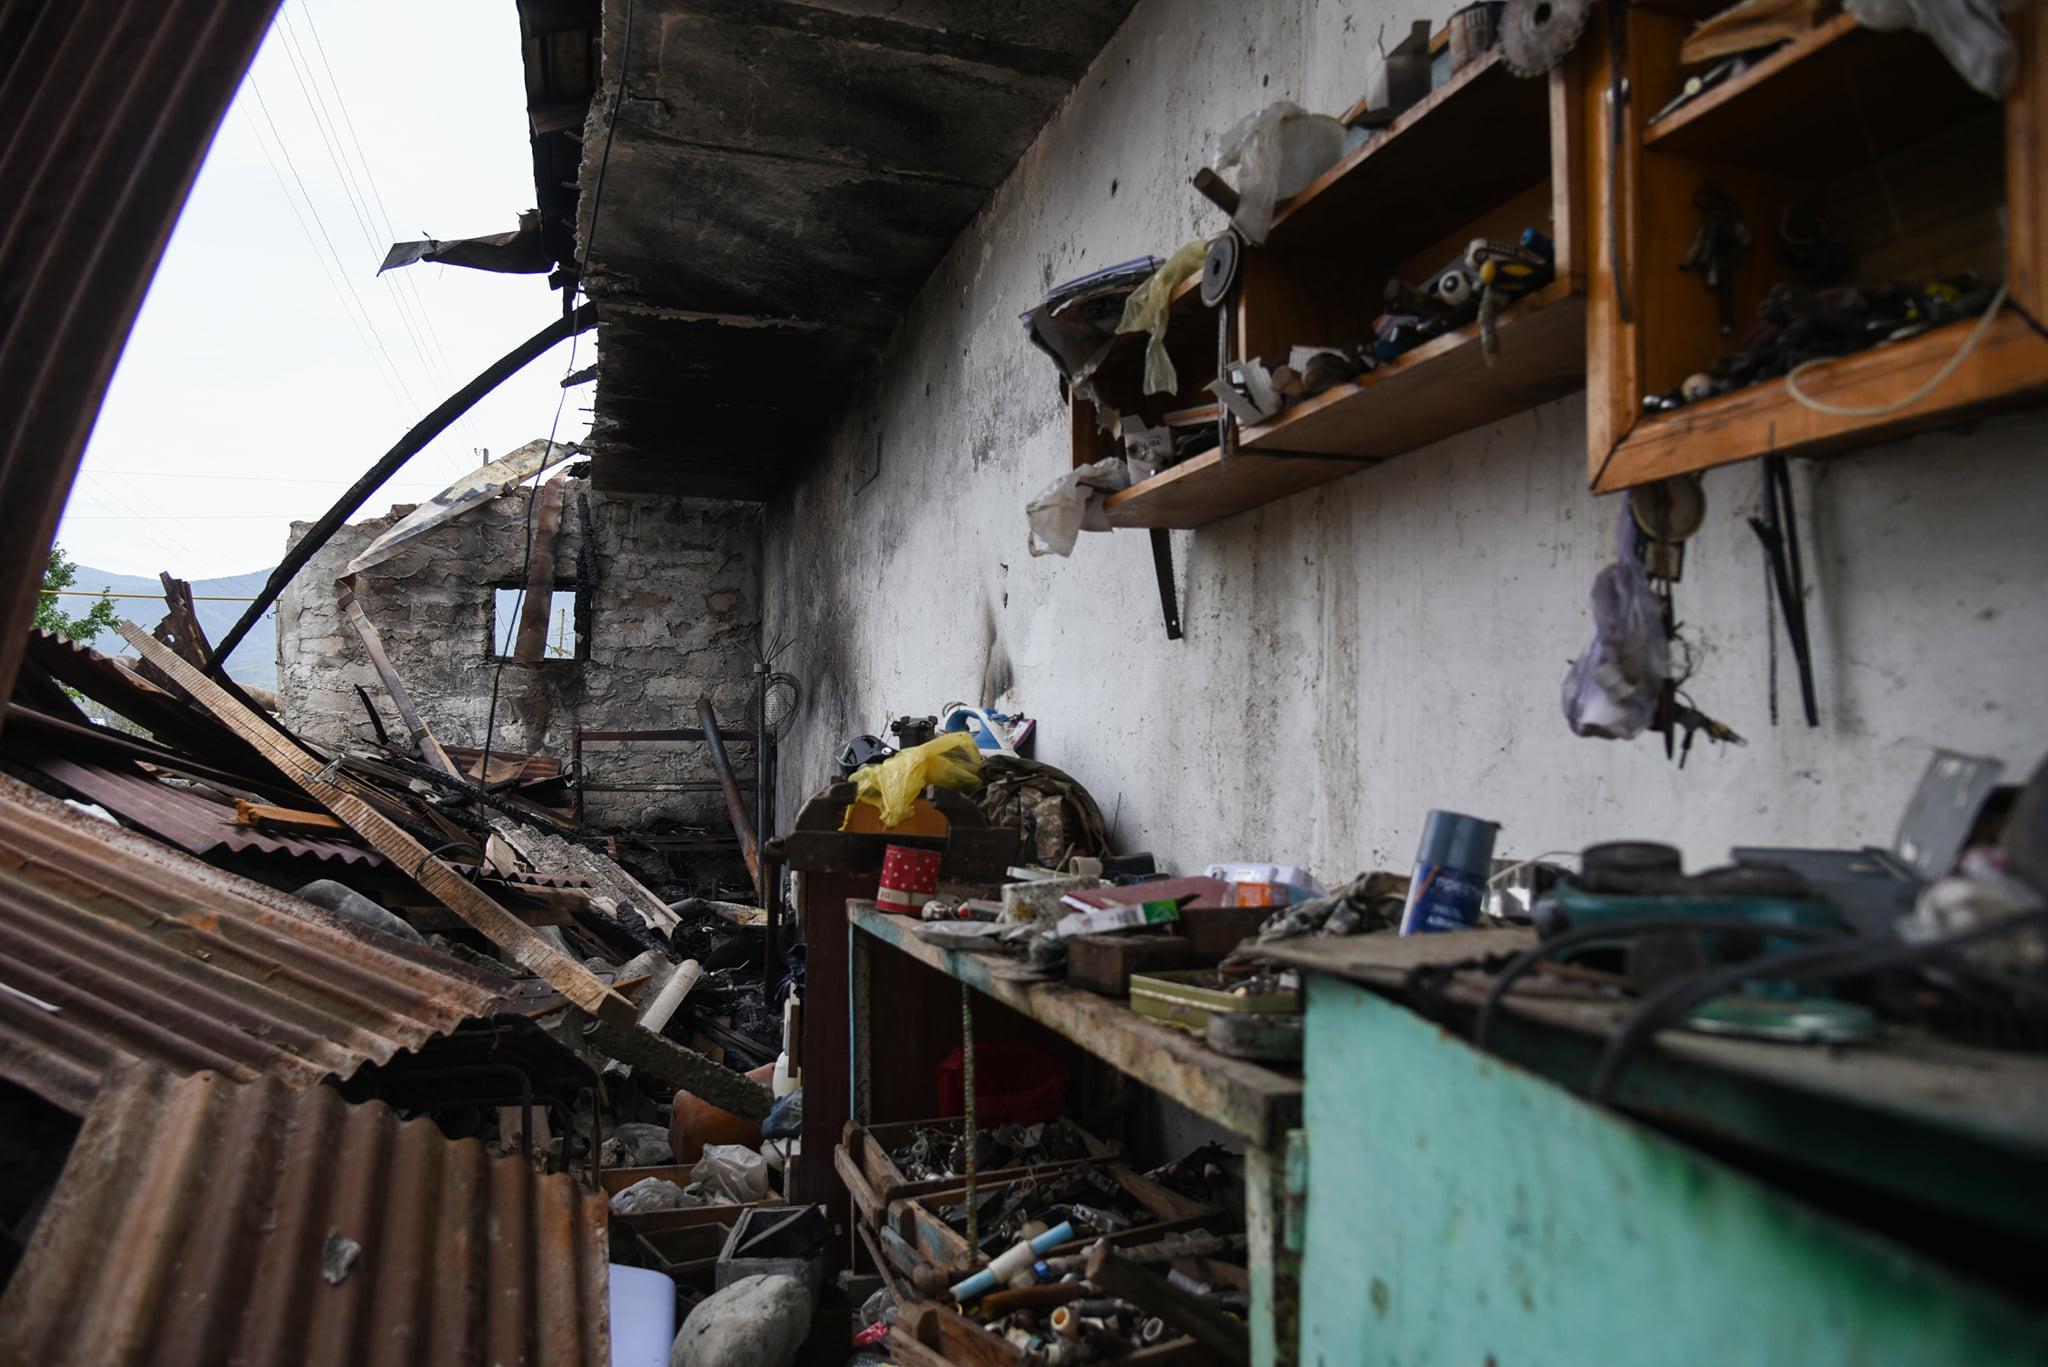 Photo of Ադրբեջանը  շարունակում է թիրախավորել խաղաղ բնակչությանը և քաղաքացիական ենթակառուցվածքները